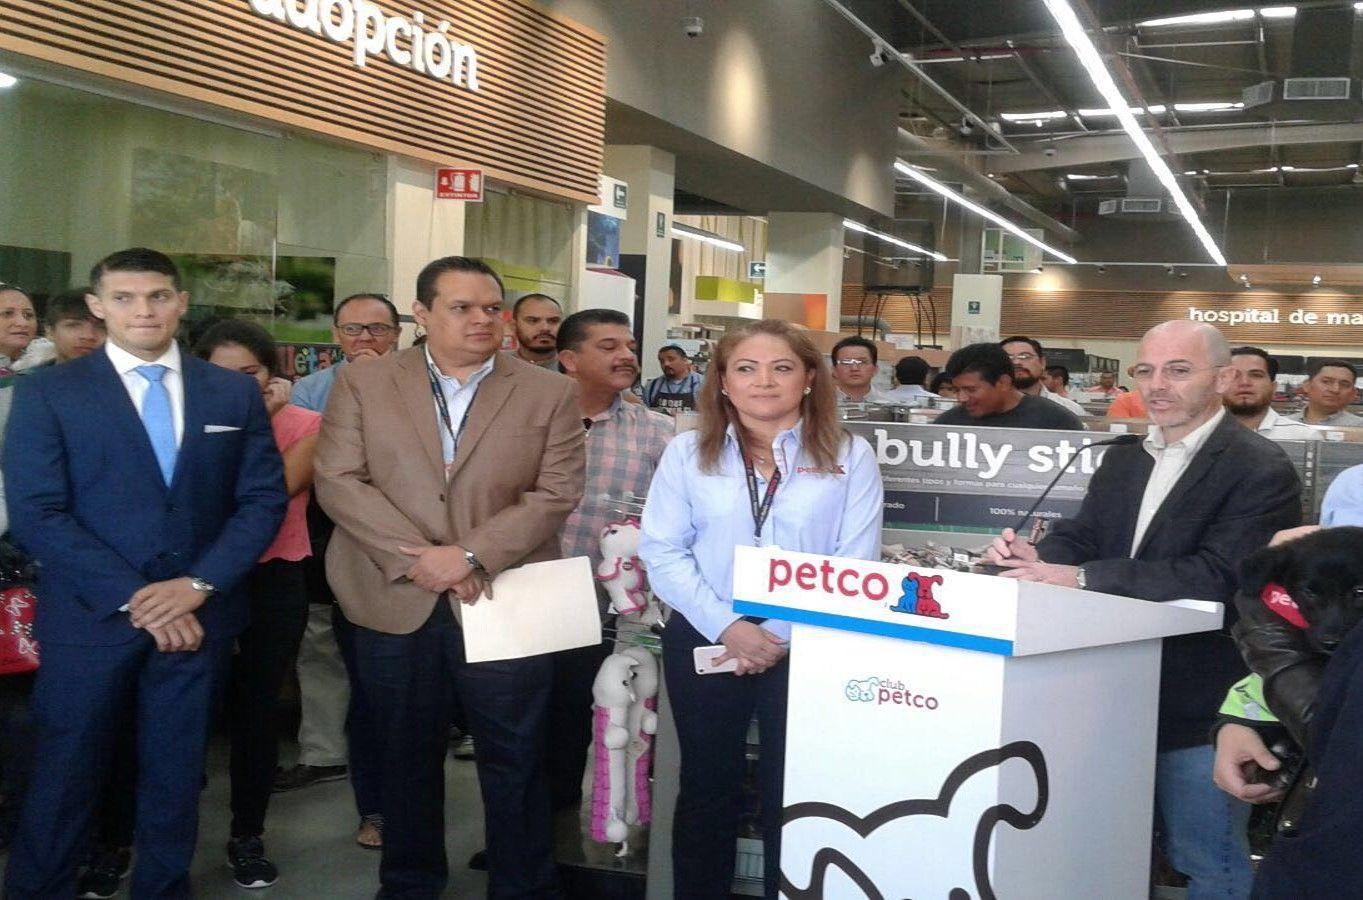 Fotografia Inauguración Petco San Luis Potosí